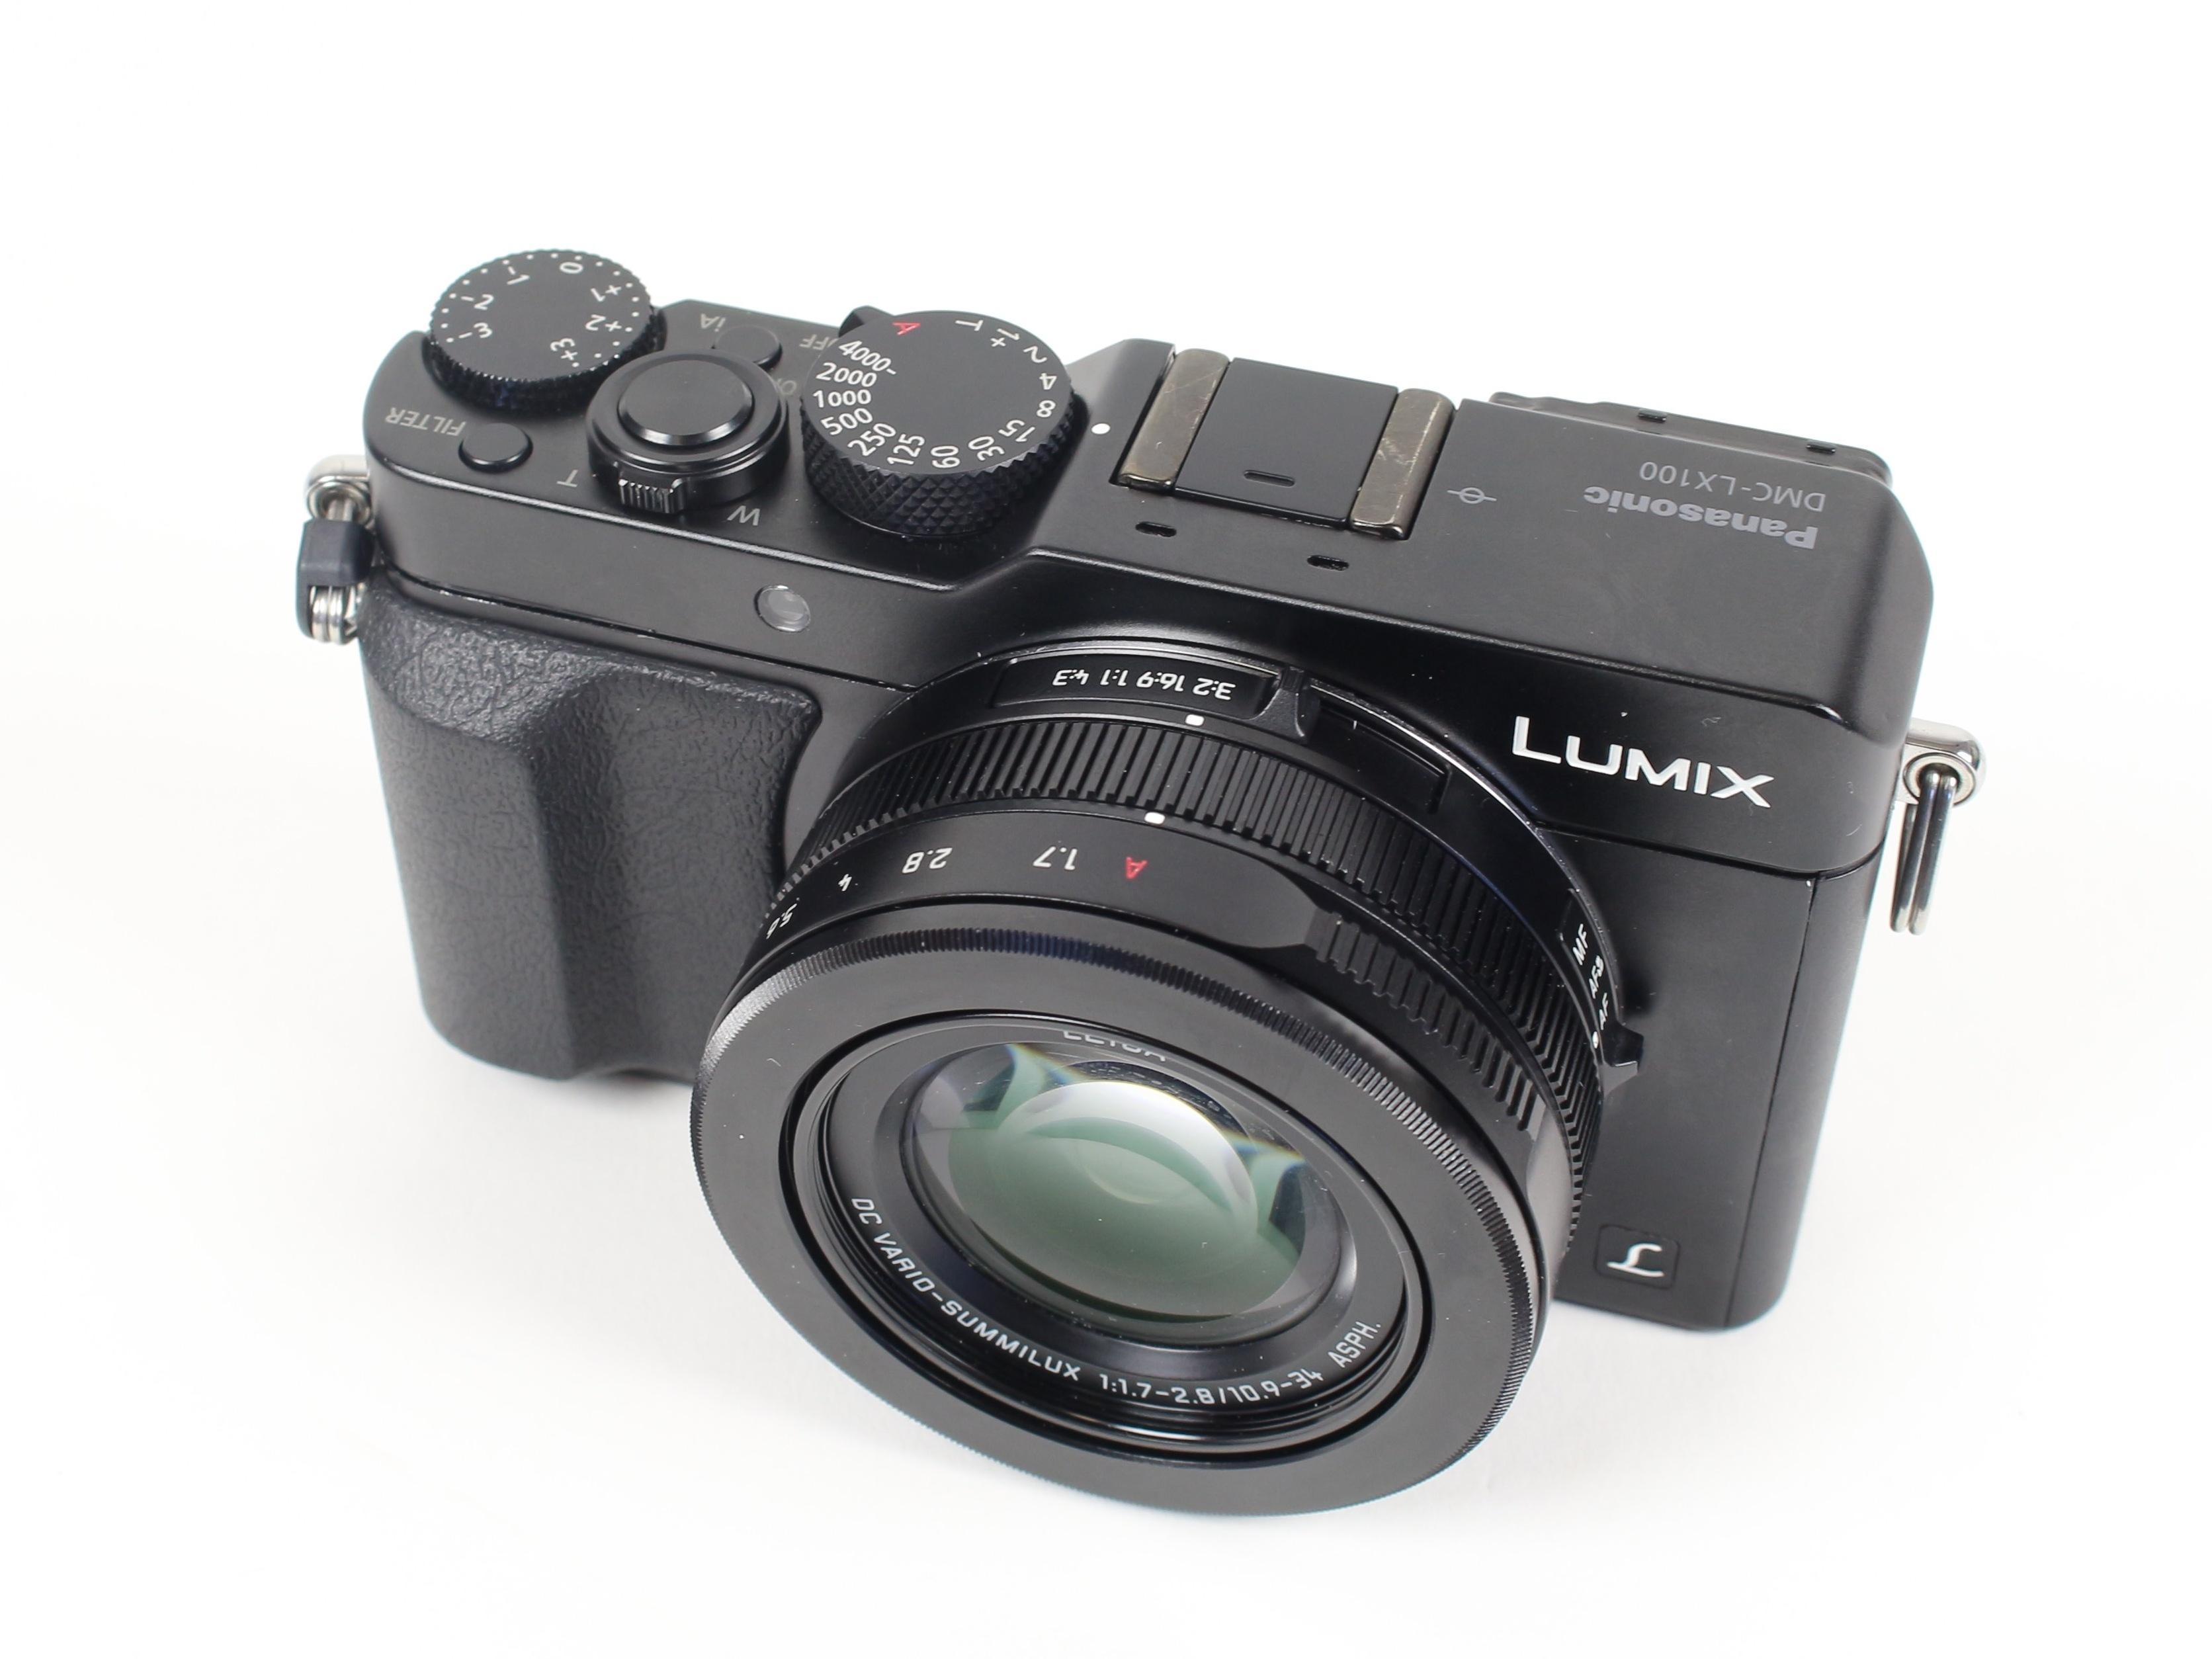 Panasonic Lumix Dmc Lx100 Repair Ifixit Lx10 Digital Camera Black Lcd Screen